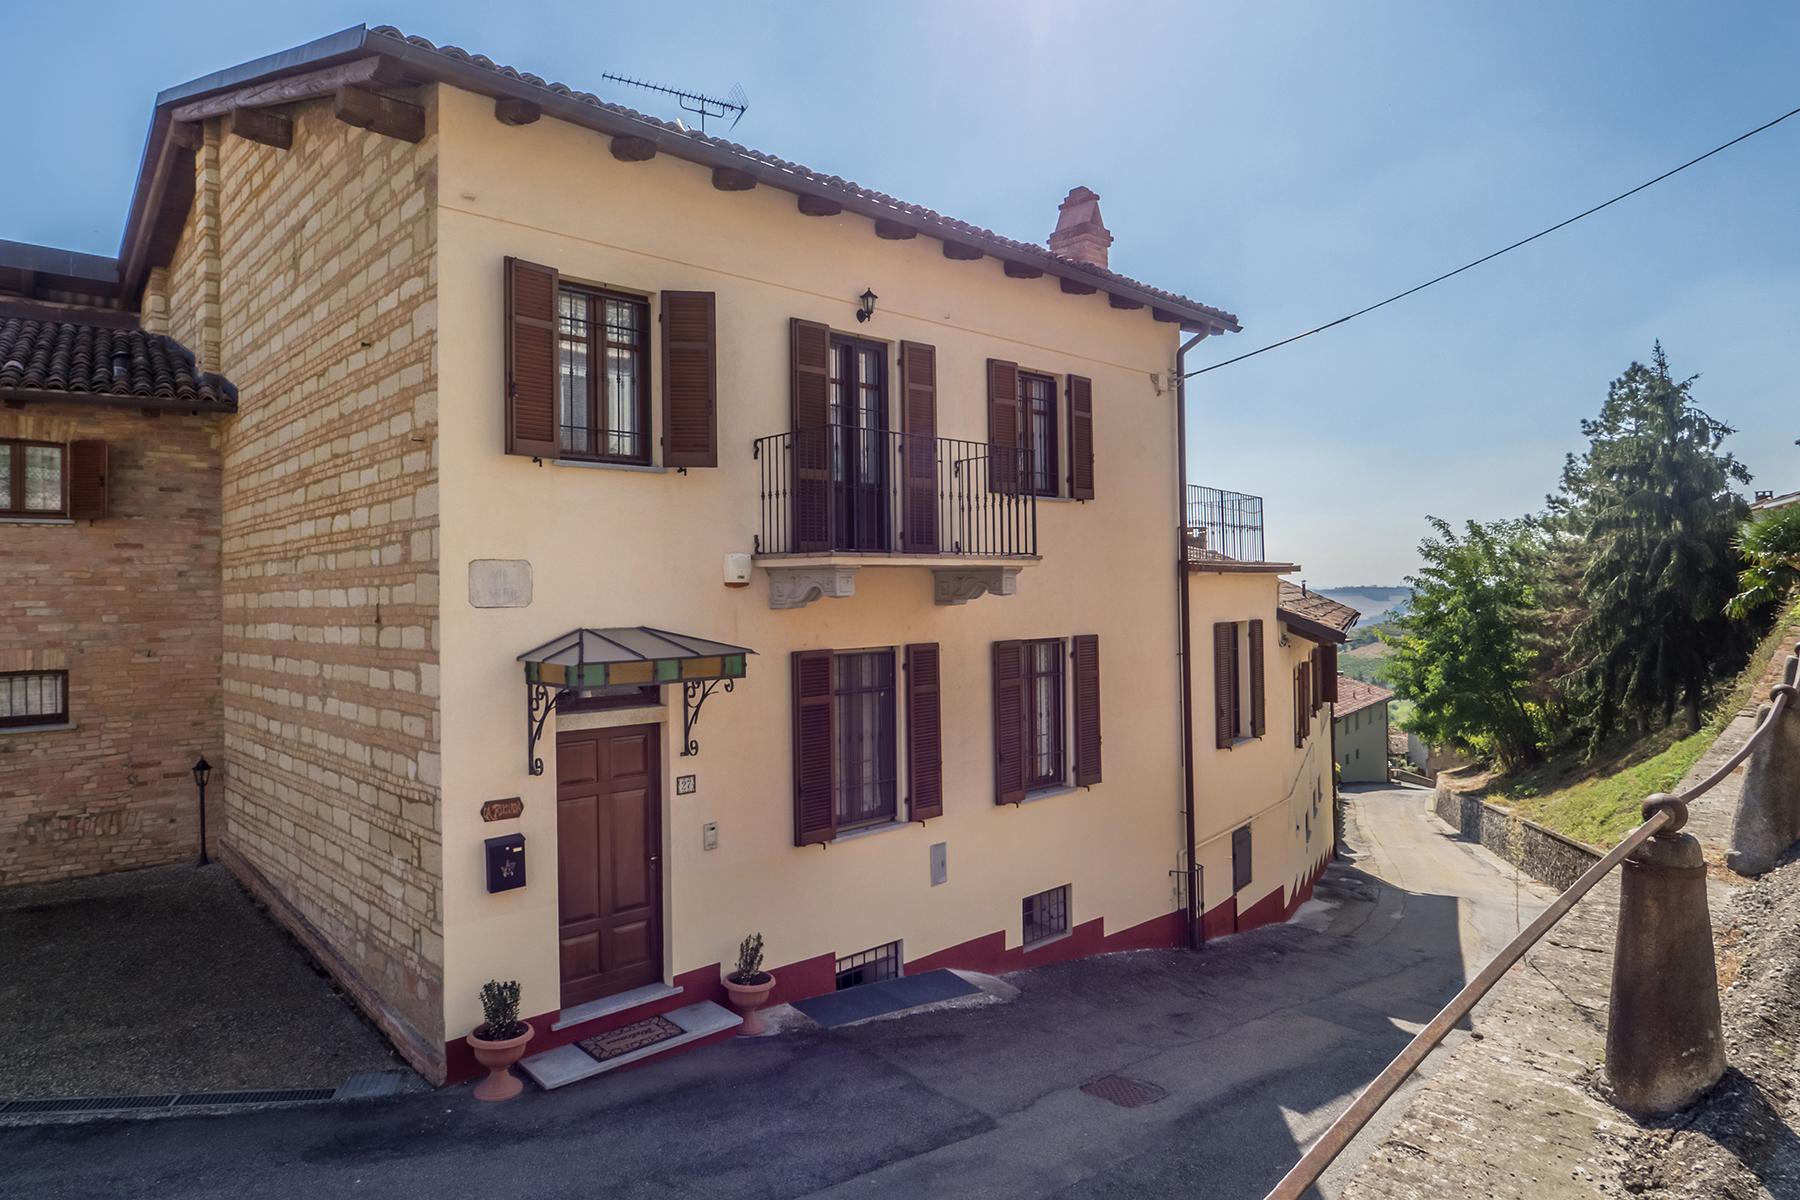 Rustico in Vendita a Casorzo: 5 locali, 1350 mq - Foto 2